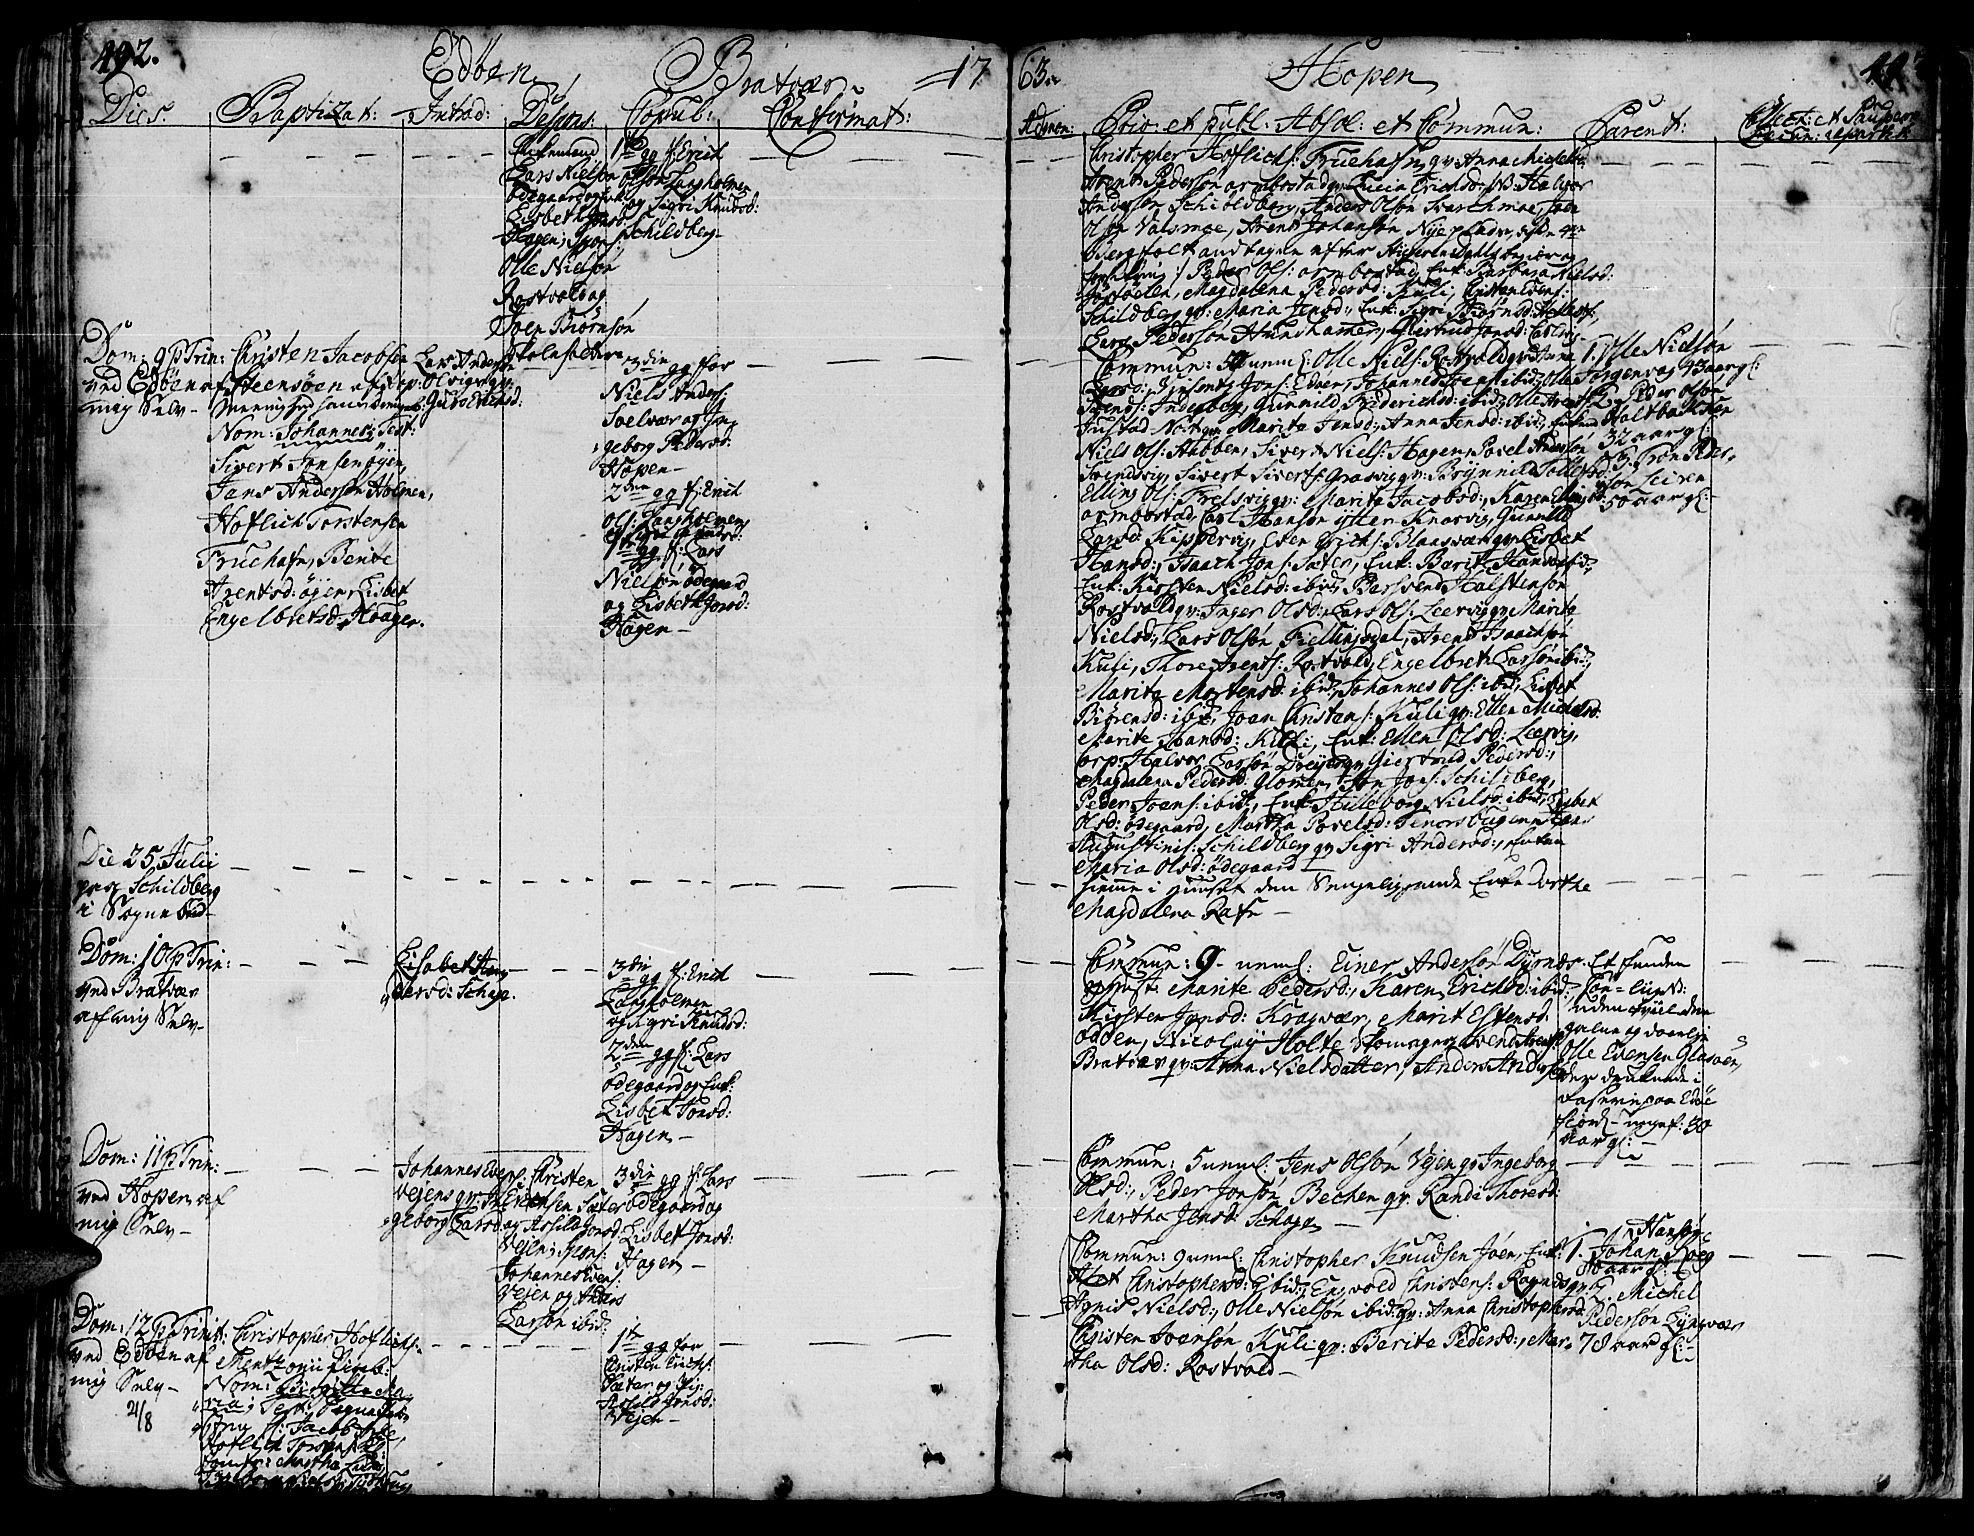 SAT, Ministerialprotokoller, klokkerbøker og fødselsregistre - Møre og Romsdal, 581/L0931: Ministerialbok nr. 581A01, 1751-1765, s. 492-493